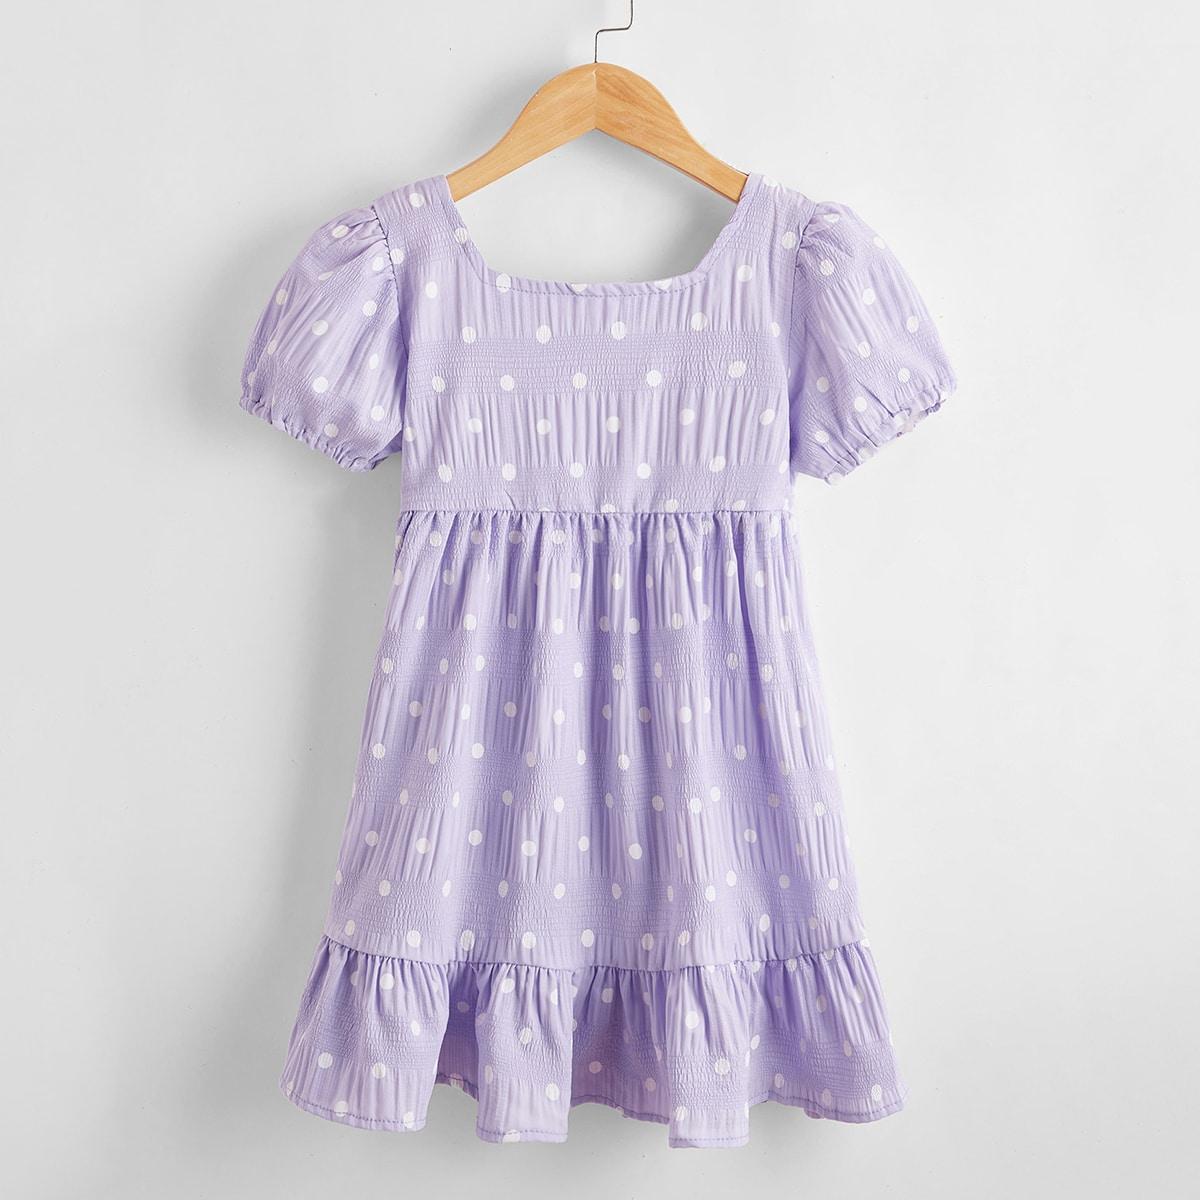 Kleid mit Punkten Muster und Raffung